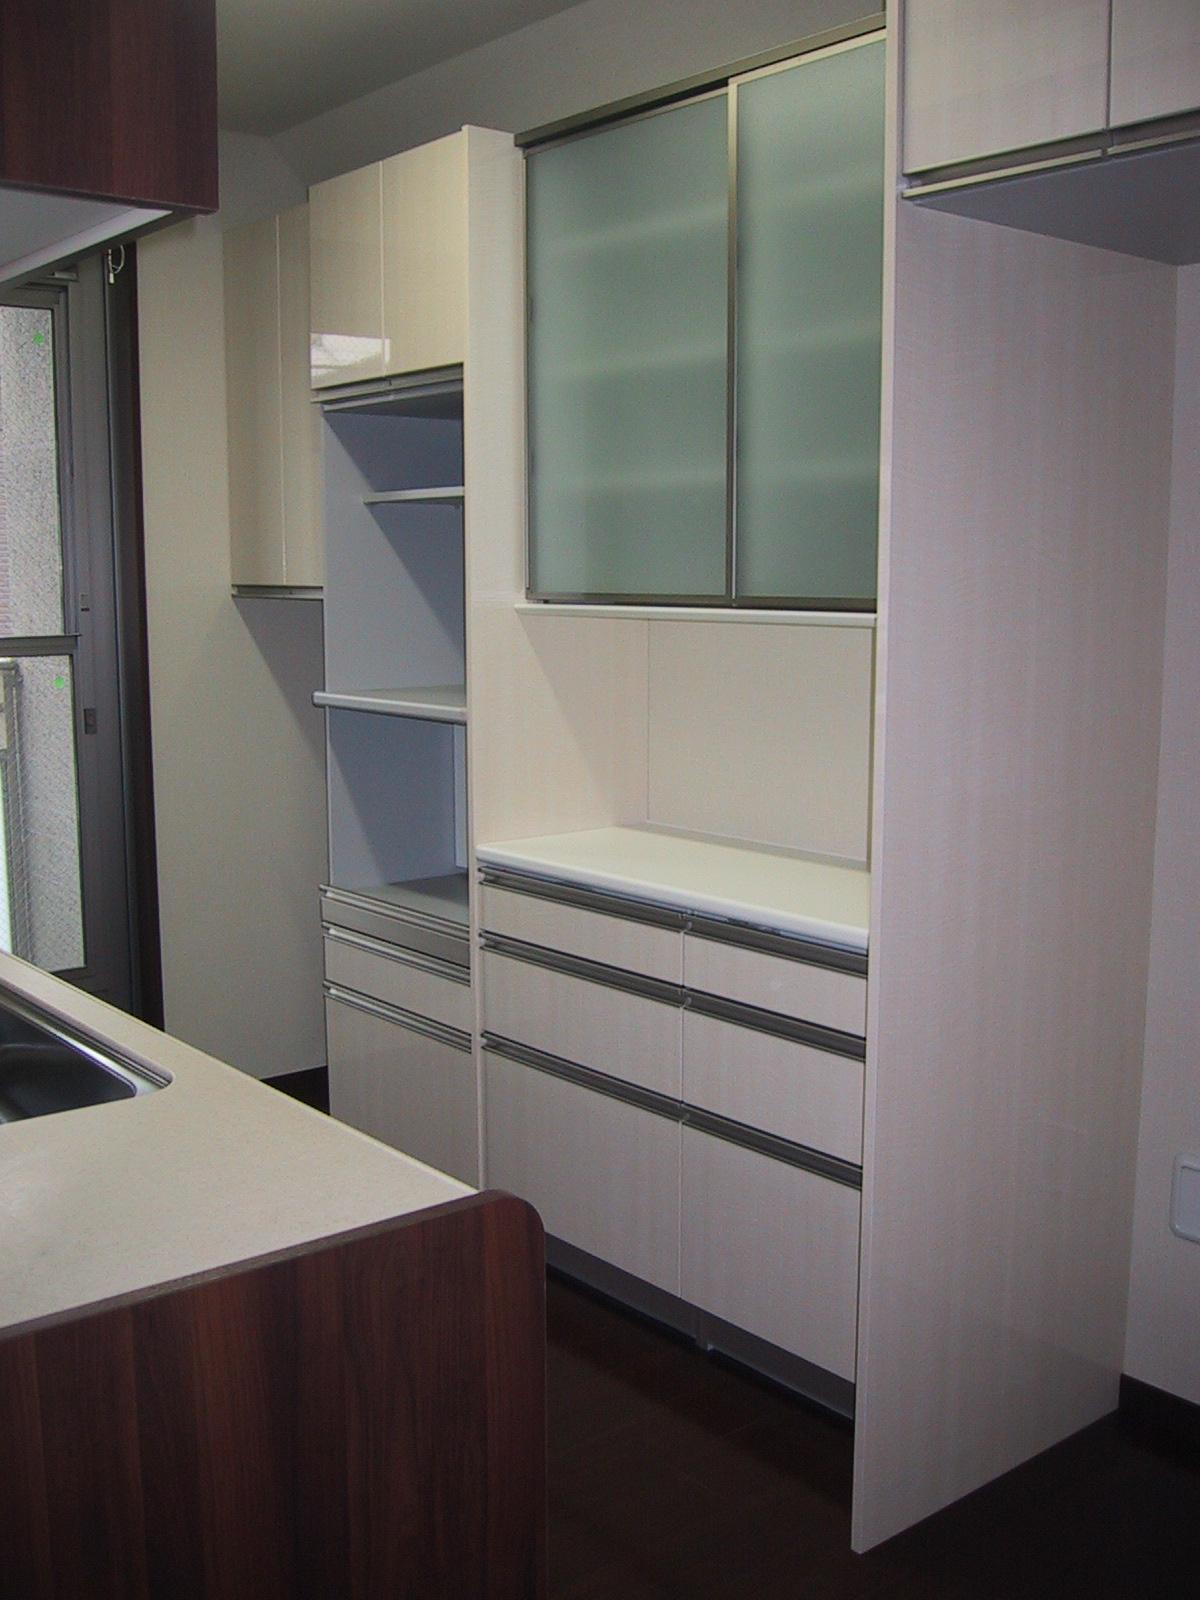 食器棚を考える。